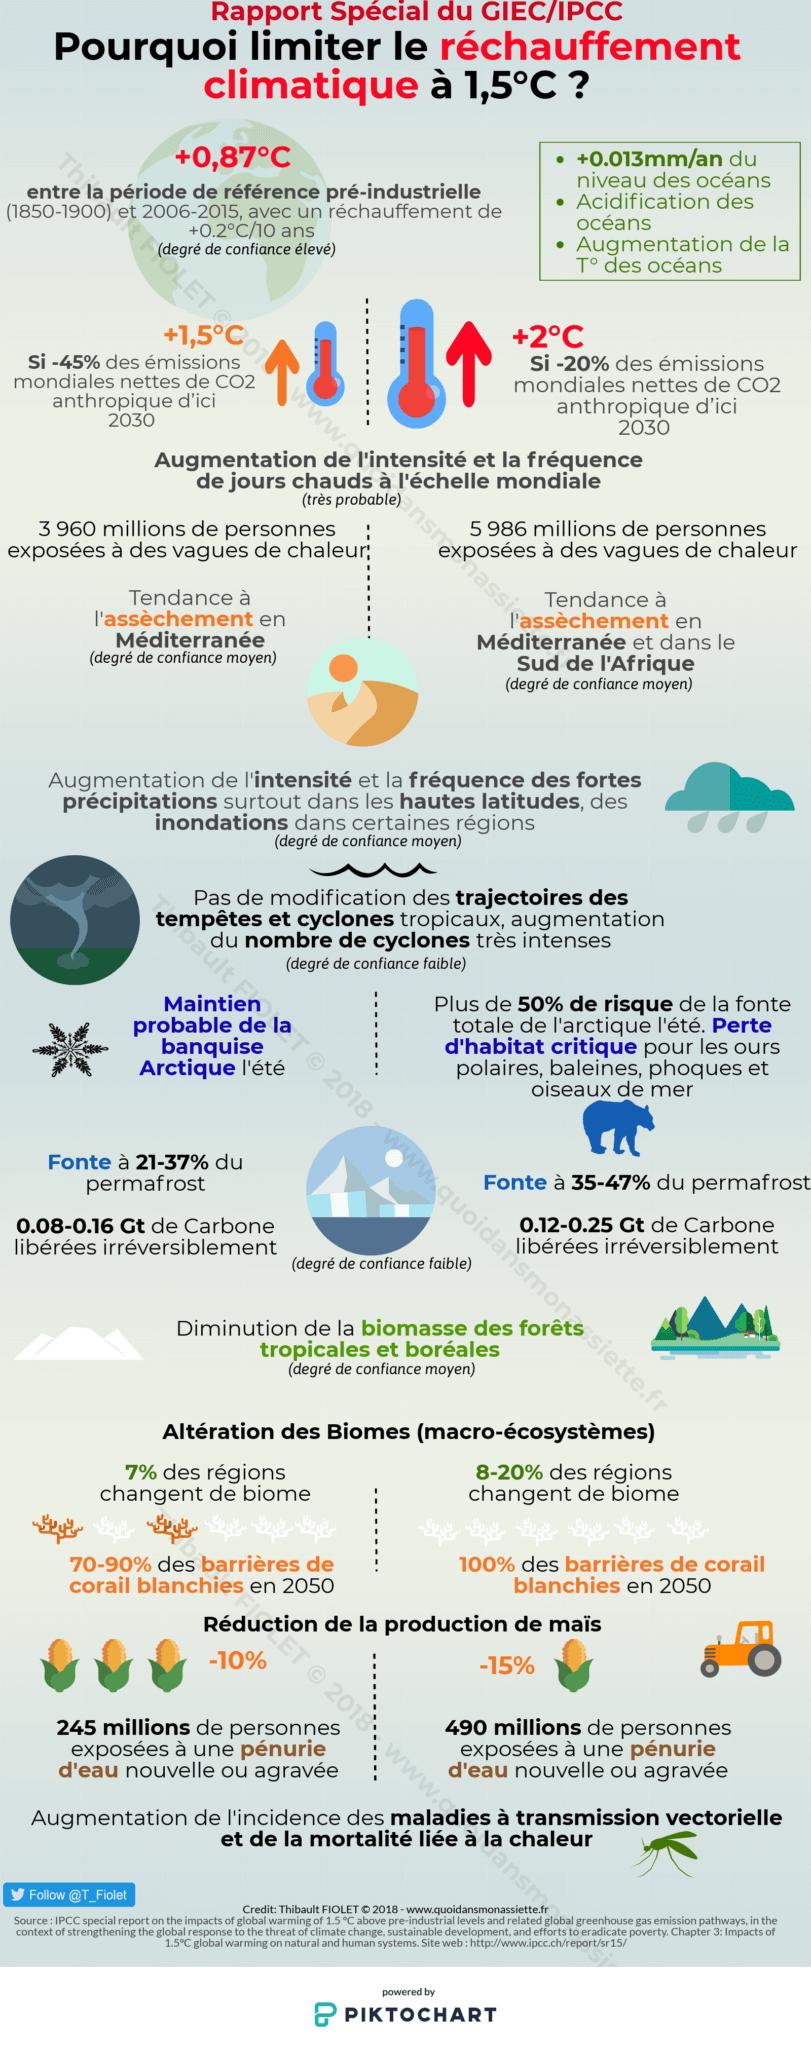 Pourquoi limiter le réchauffement climatique à 1.5°